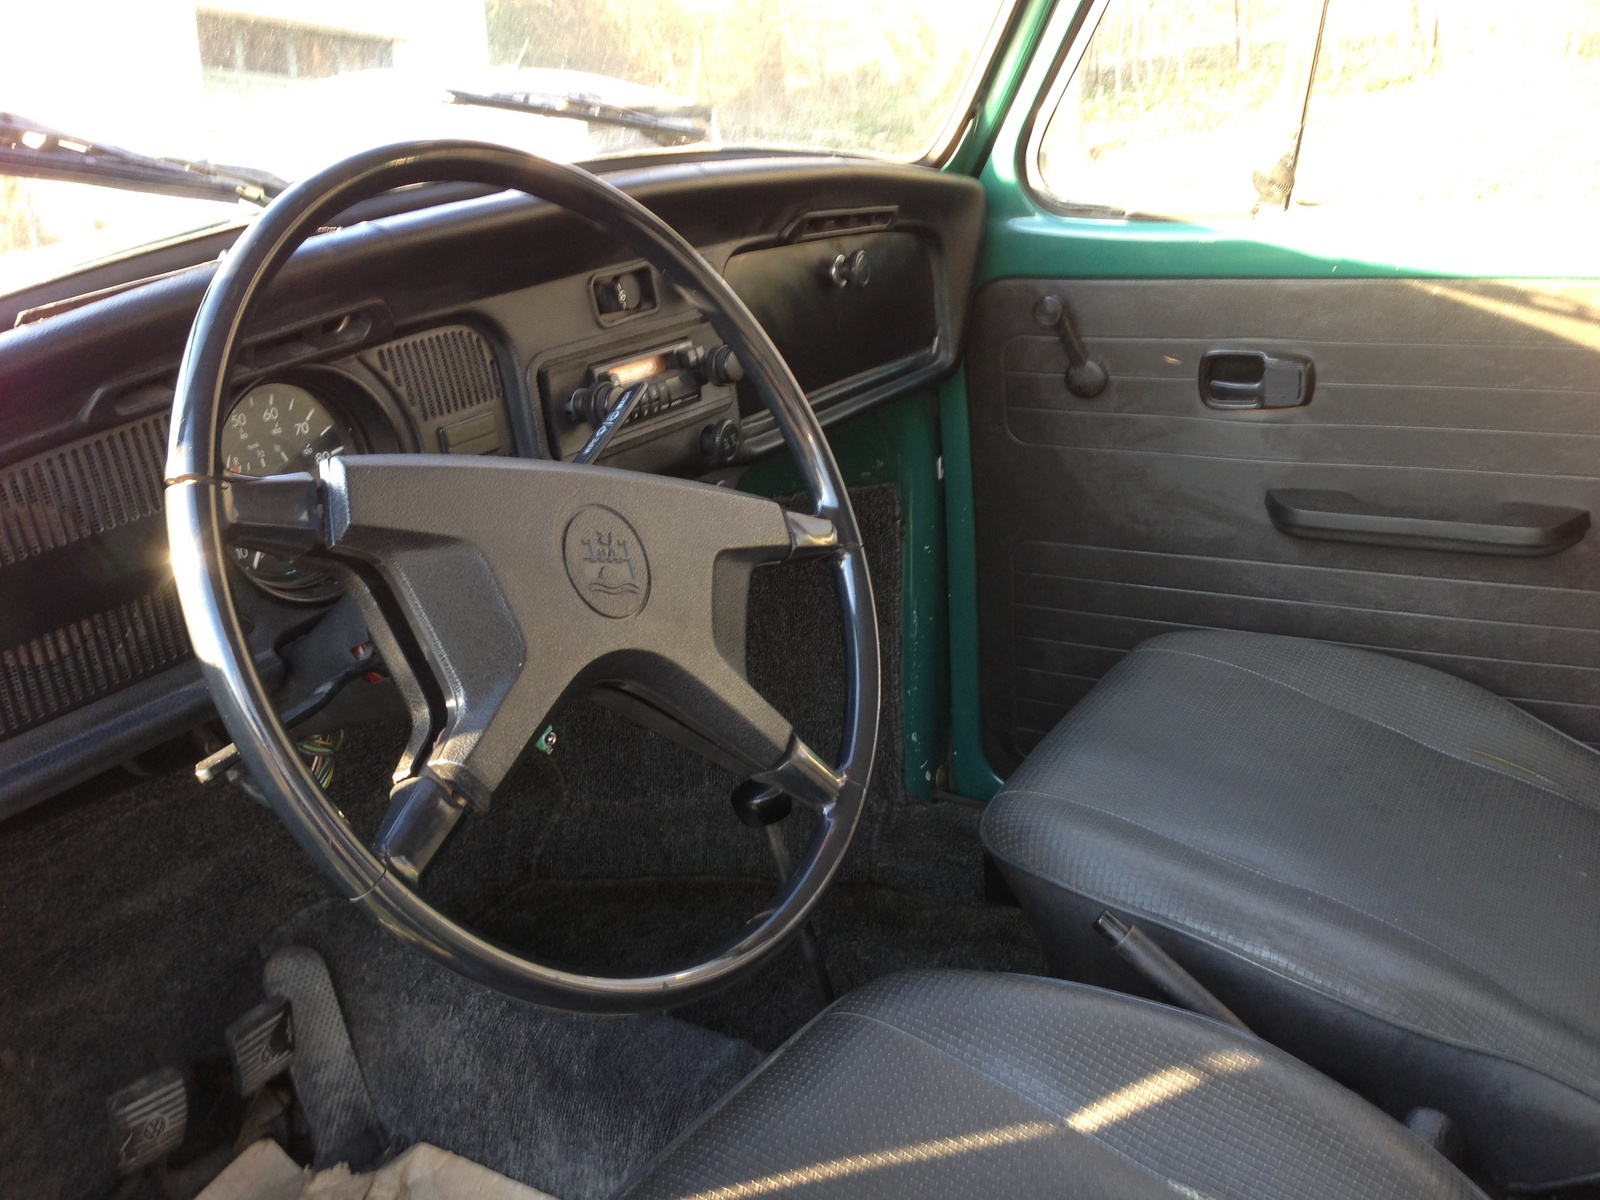 1976 Volkswagen Beetle Interior Pictures Cargurus